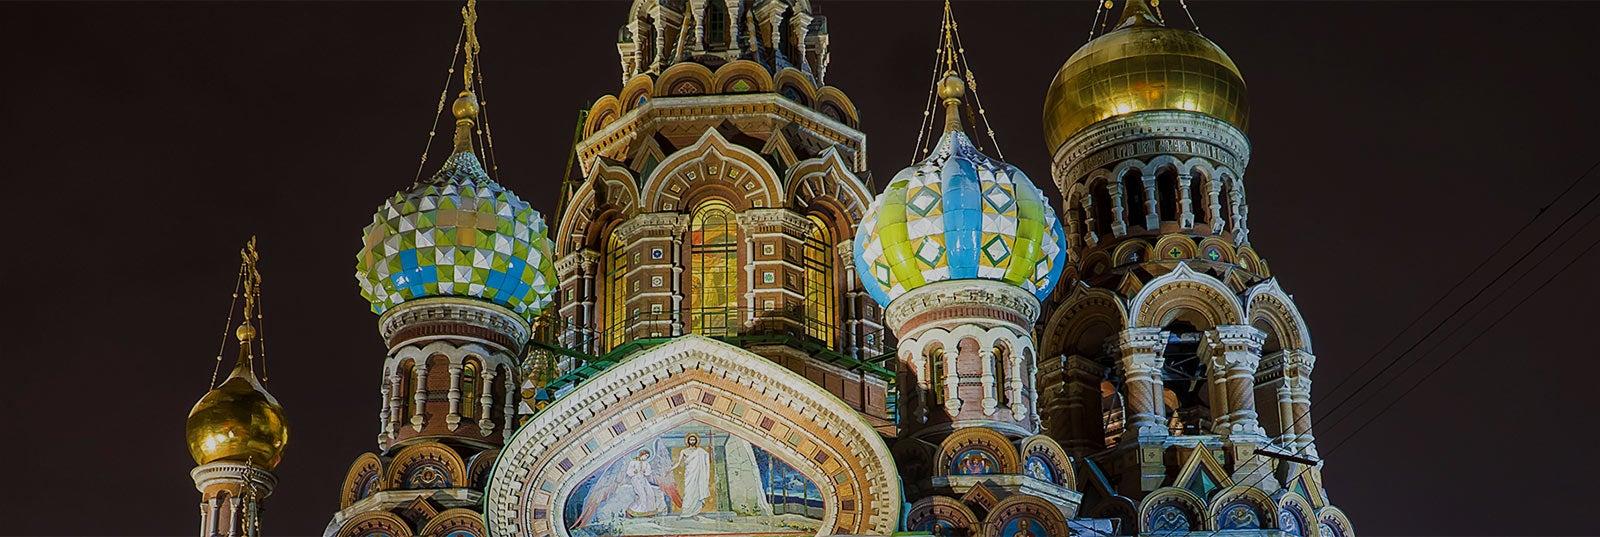 Guía turística de San Petersburgo